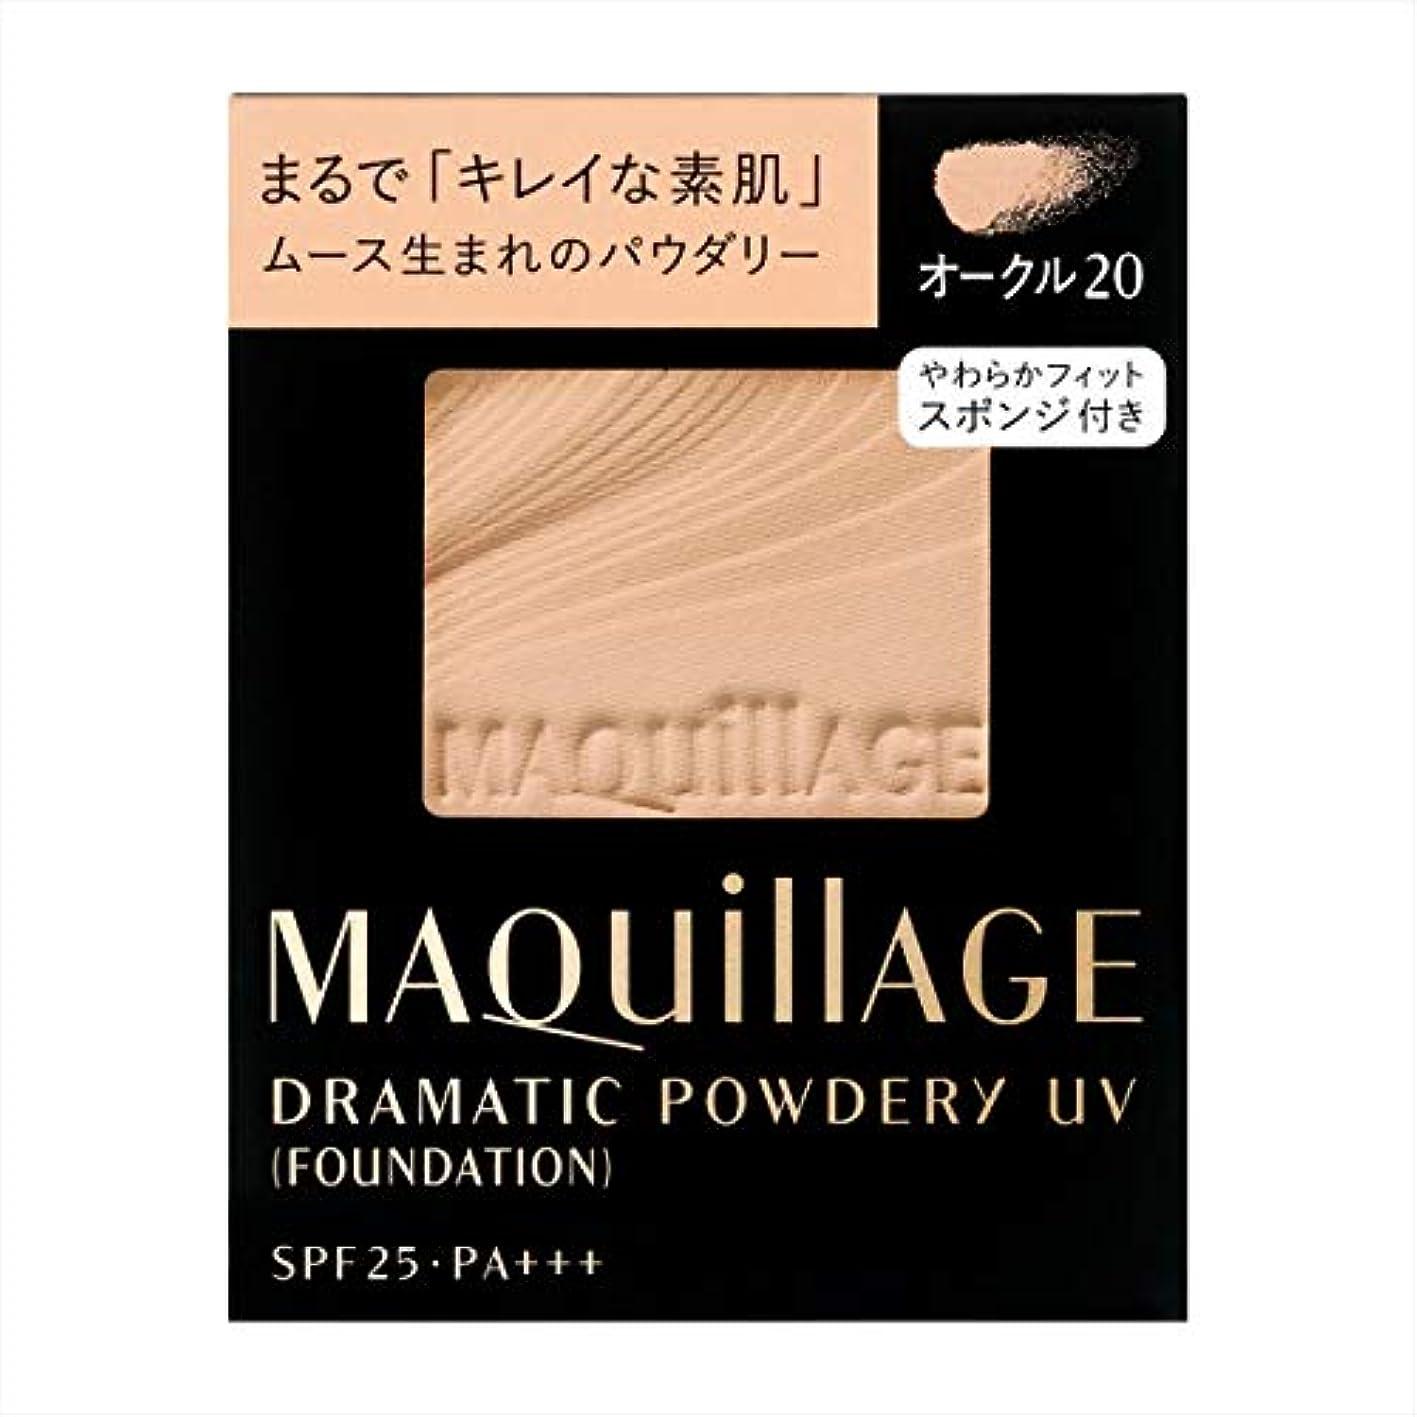 モニカ自動化急性資生堂 マキアージュ ドラマティックパウダリー UV (レフィル) オークル20